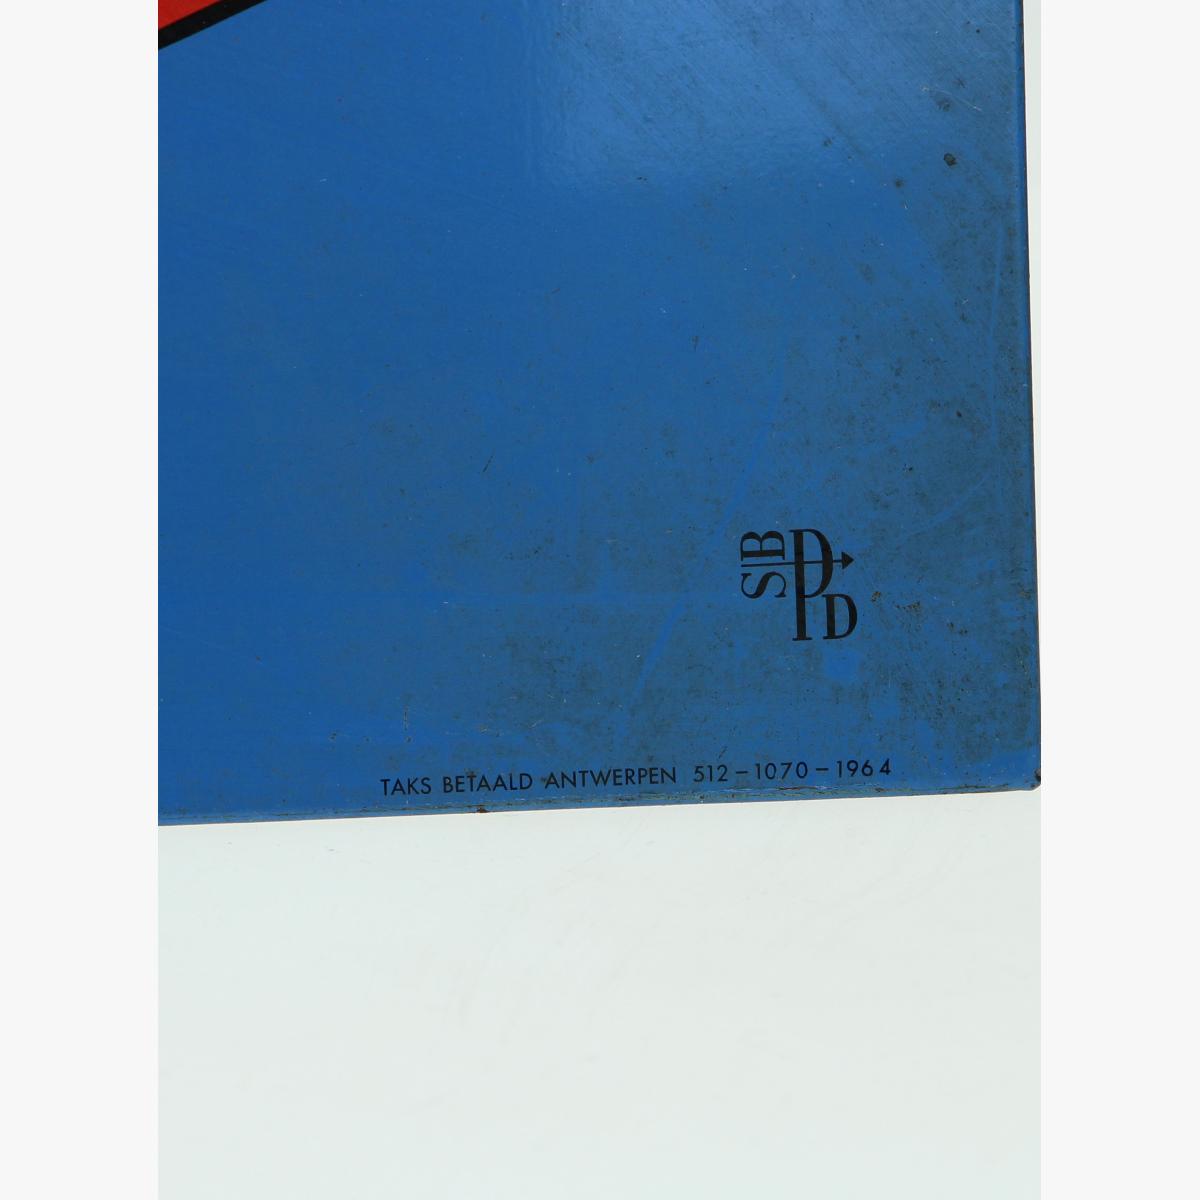 Afbeeldingen van blikken reclame zemir 1964 etabl. j schuybroek n.v. hoboken -antwerpen²